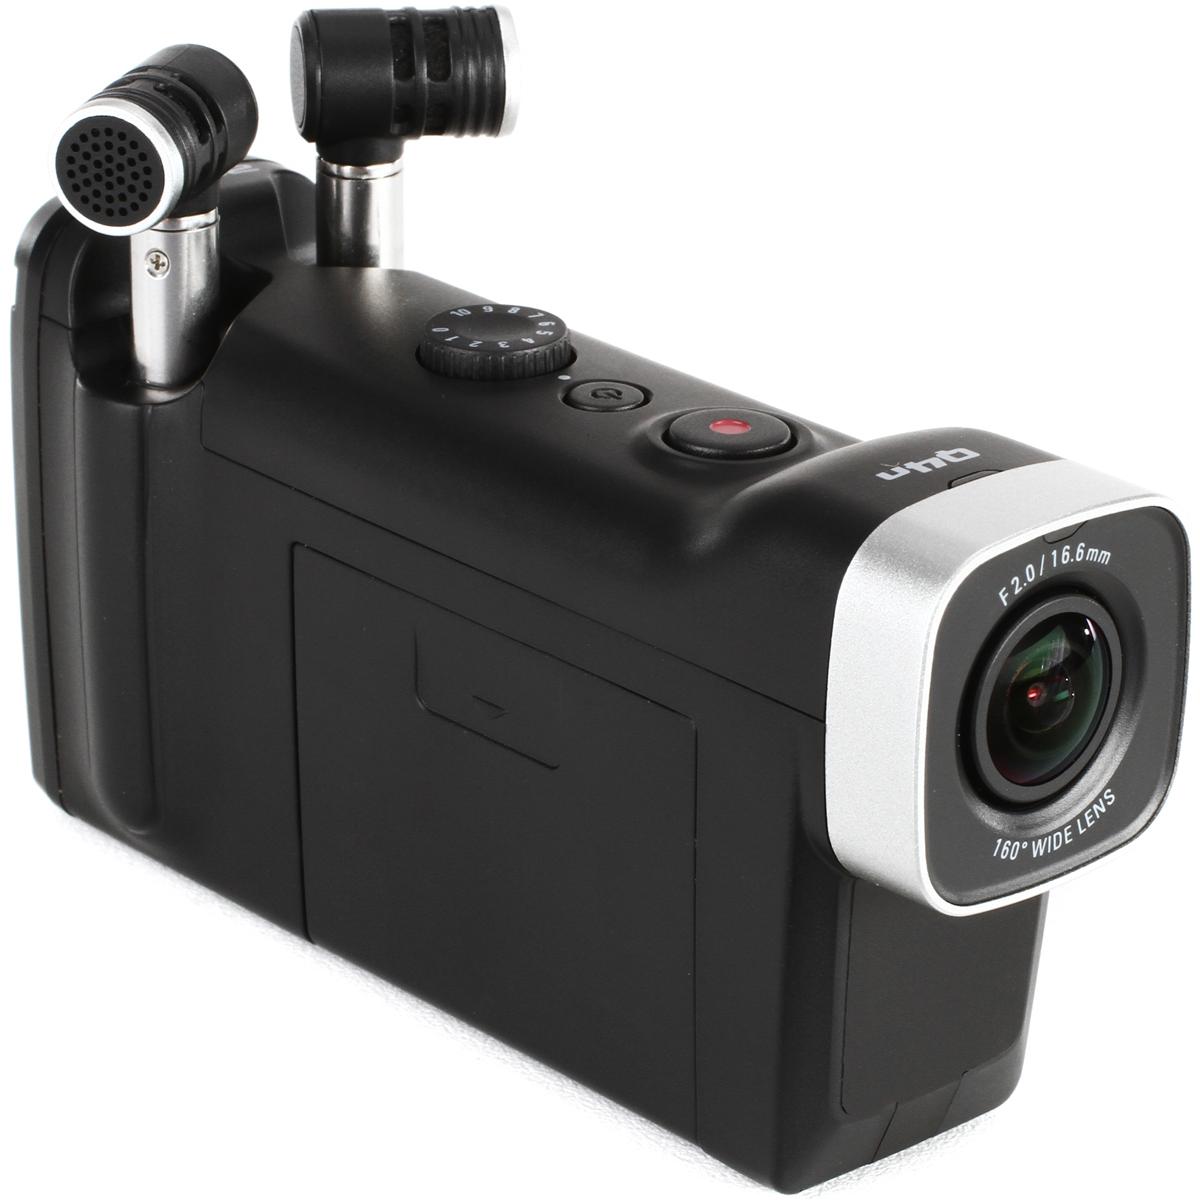 Billede af Zoom Q4n handyvideoaudiorecorder